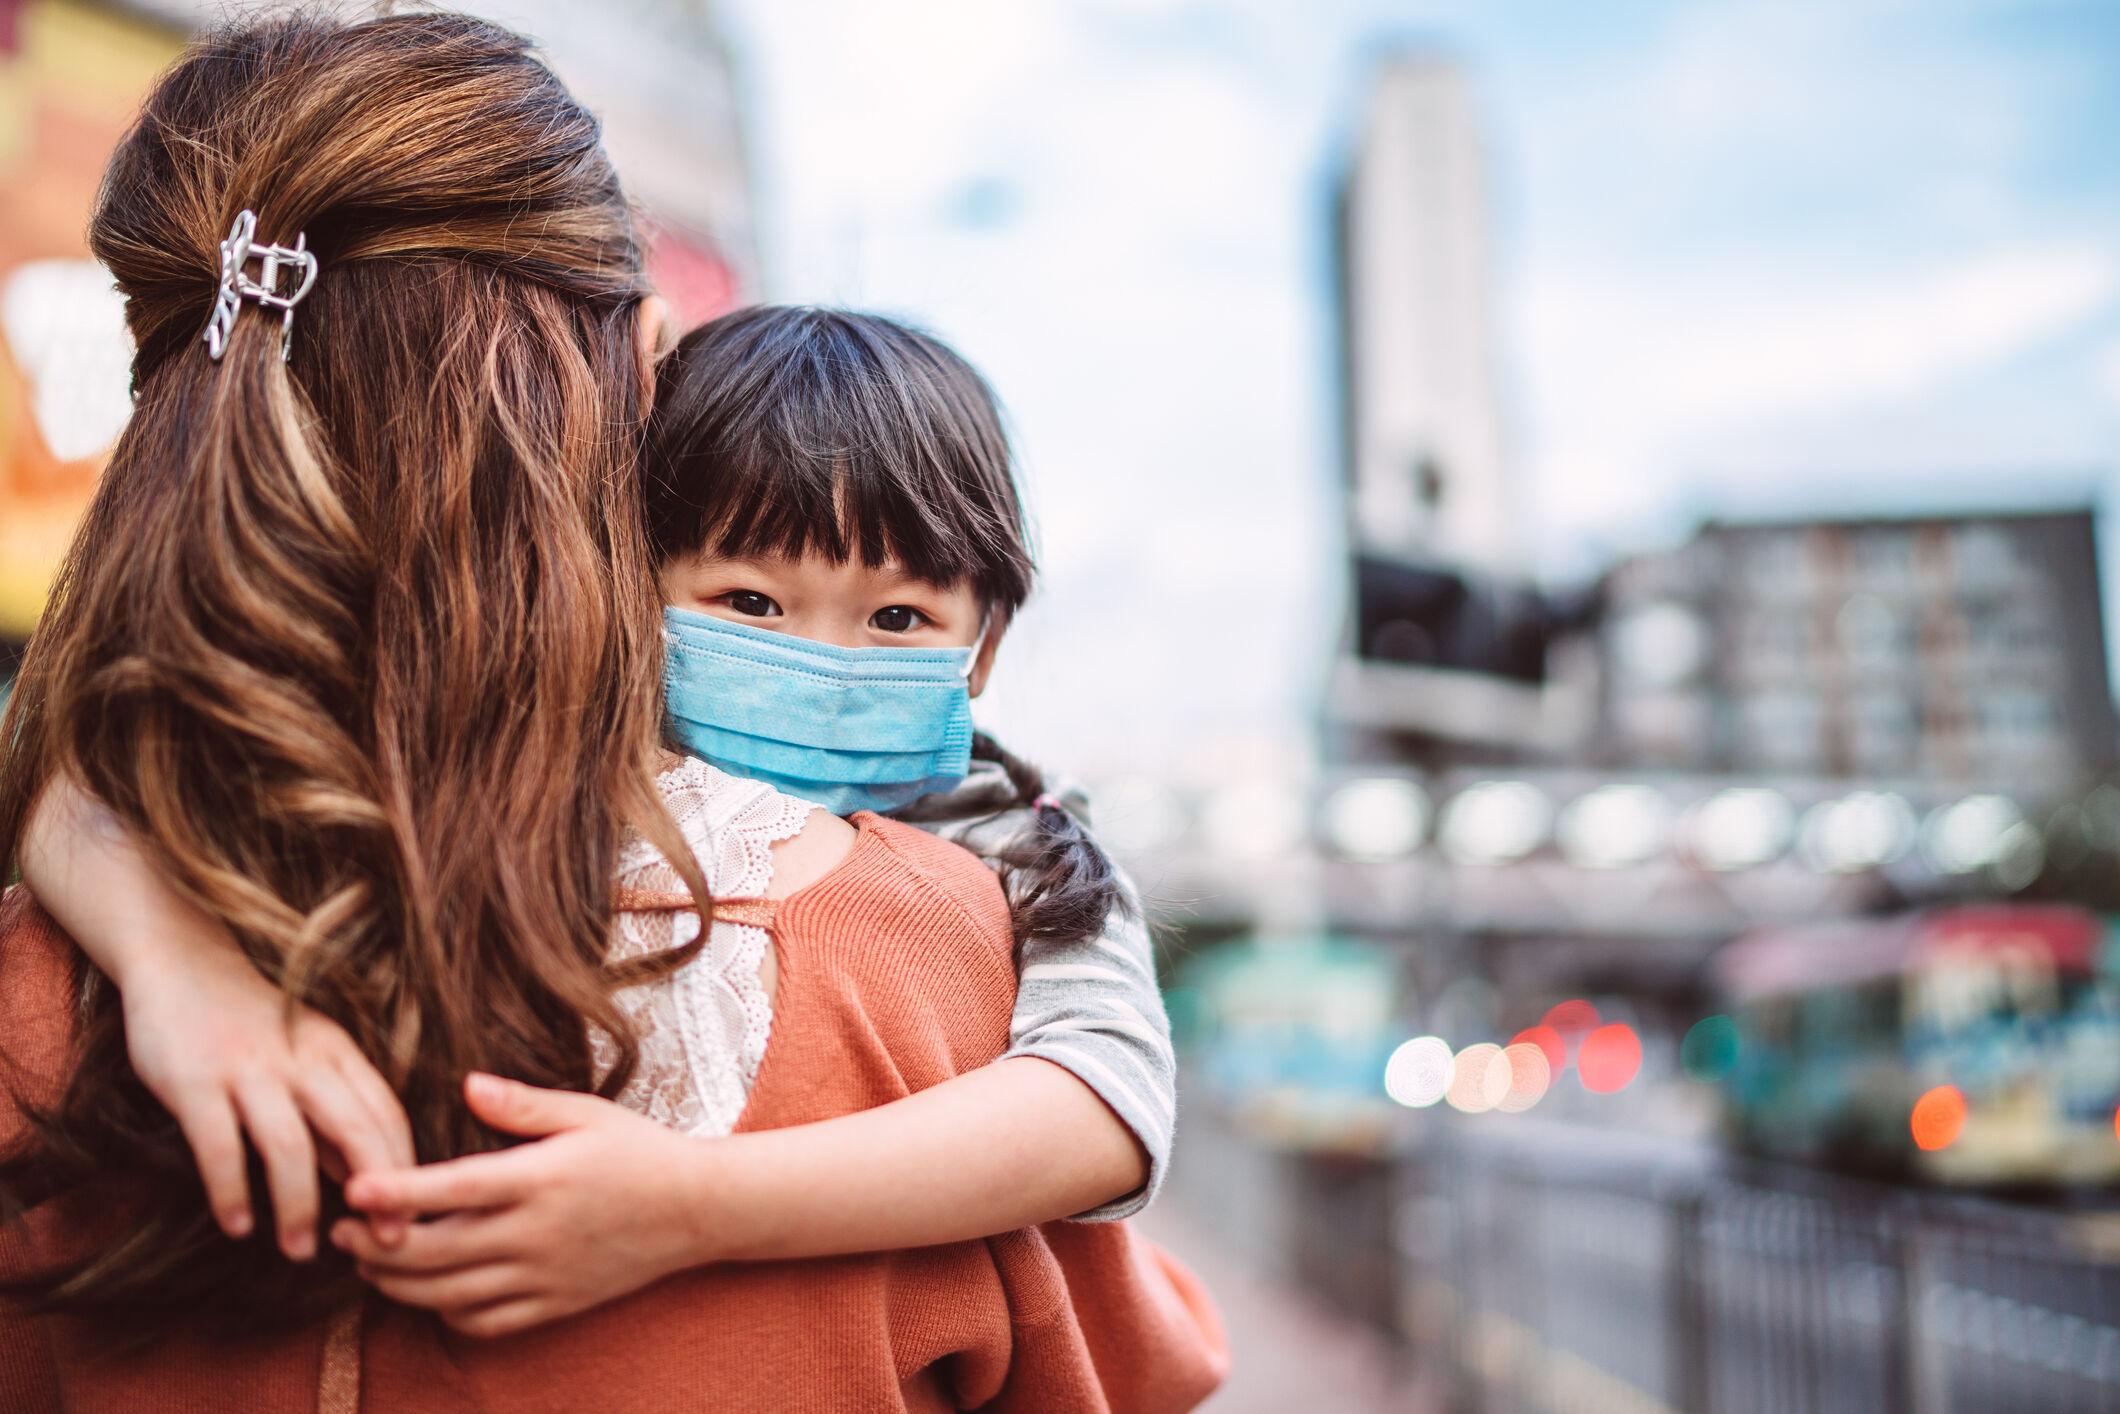 Mulher de costas carregando criança usando máscara